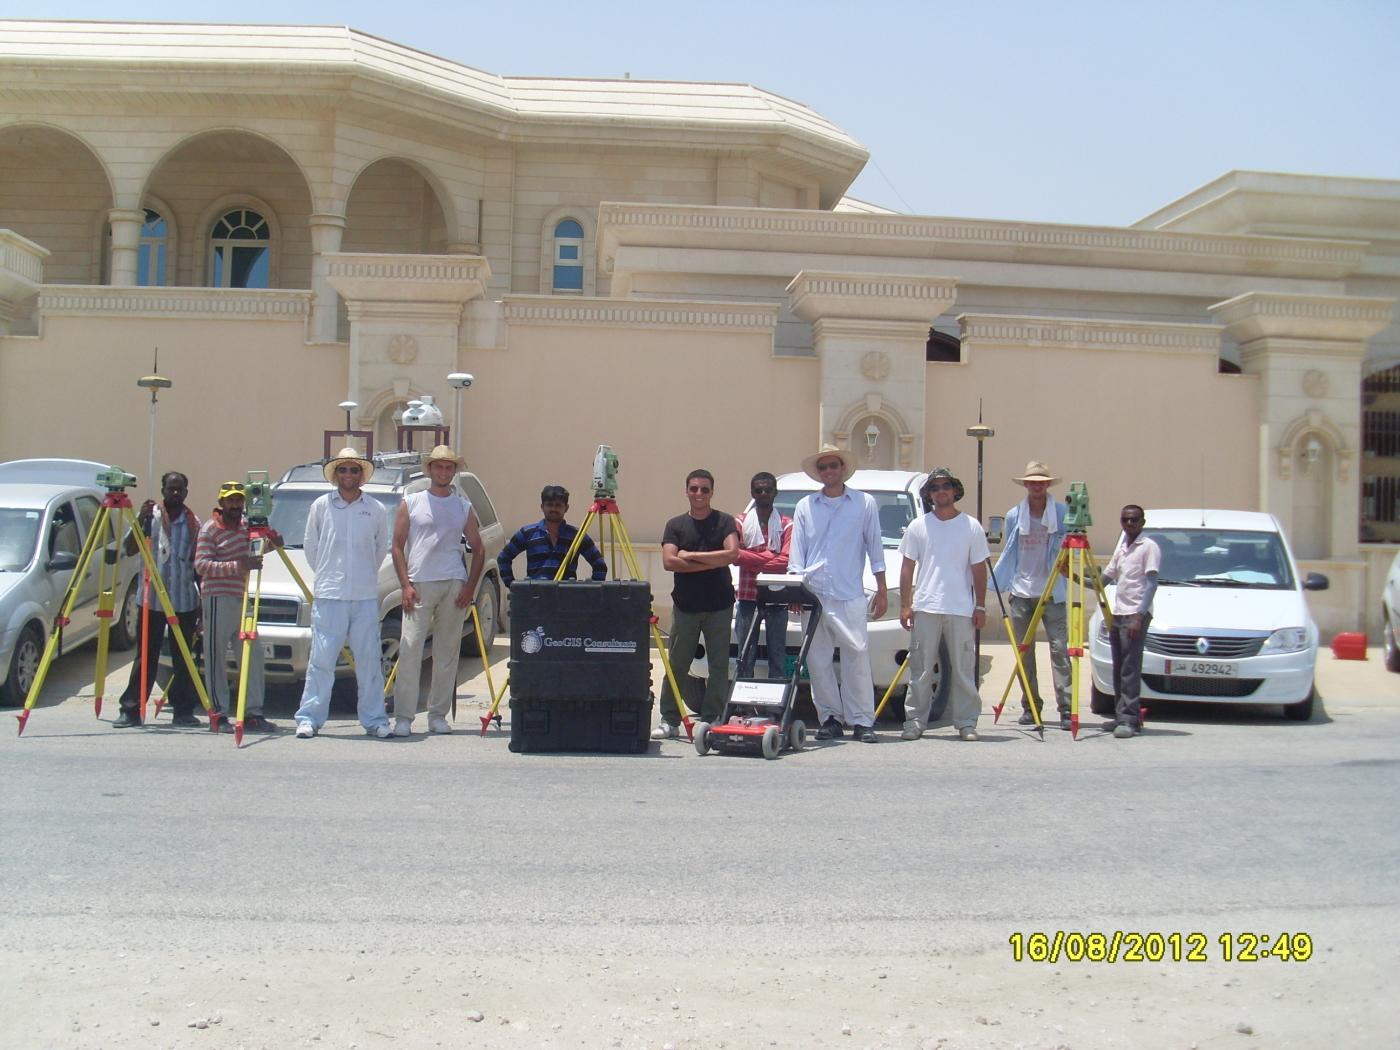 GeoGIS survey team in Qatar